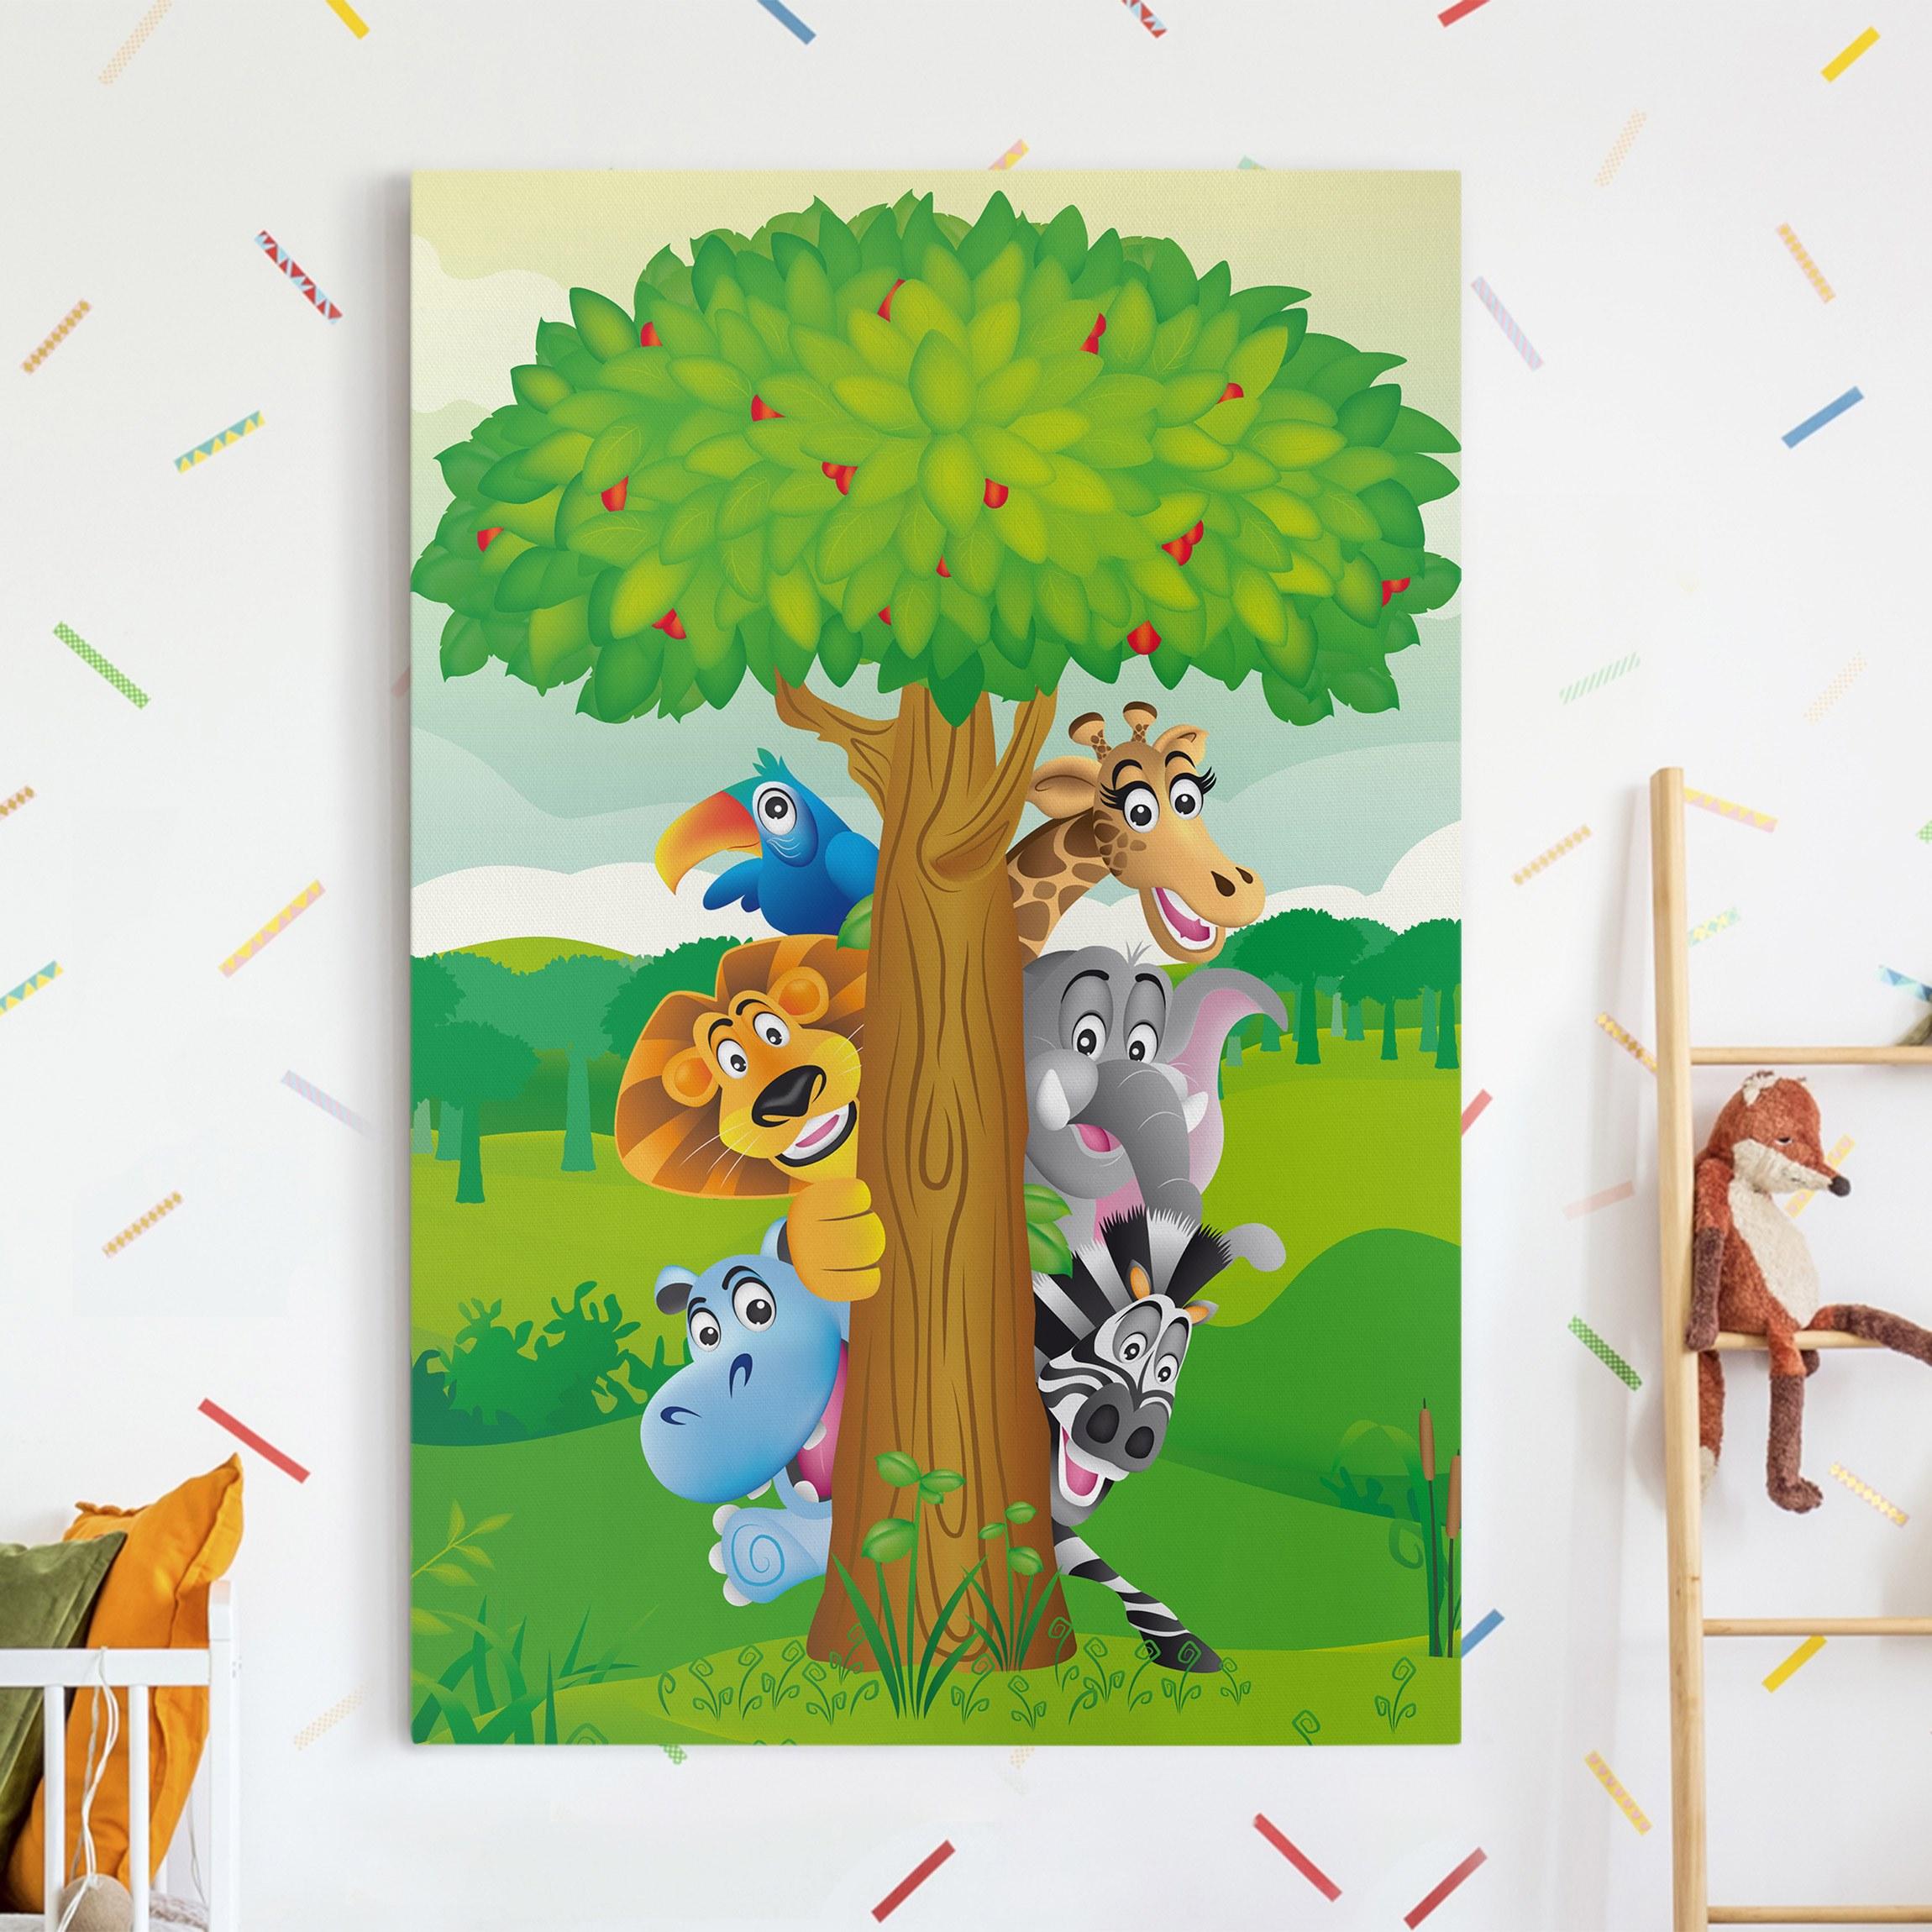 Kinderzimmer Bilder Leinwand kinderzimmer bilder auf